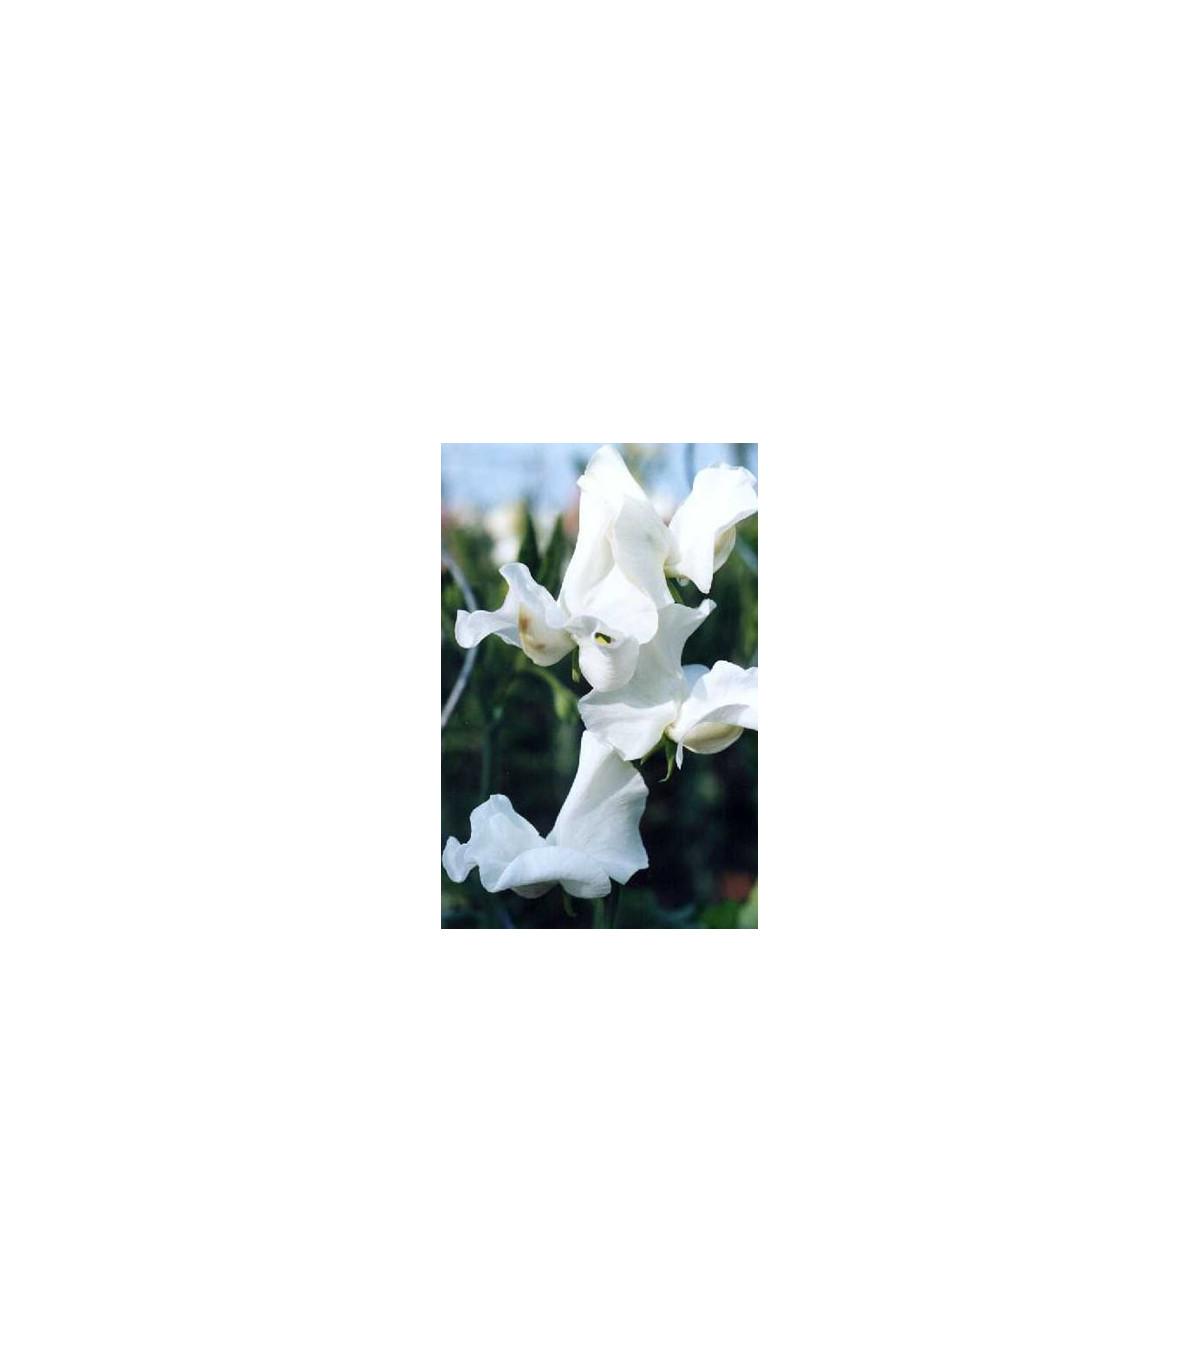 Hrachor voňavý kráľovský biely - Lathyrus odoratus - semená hrachora - semiačka - 20 ks